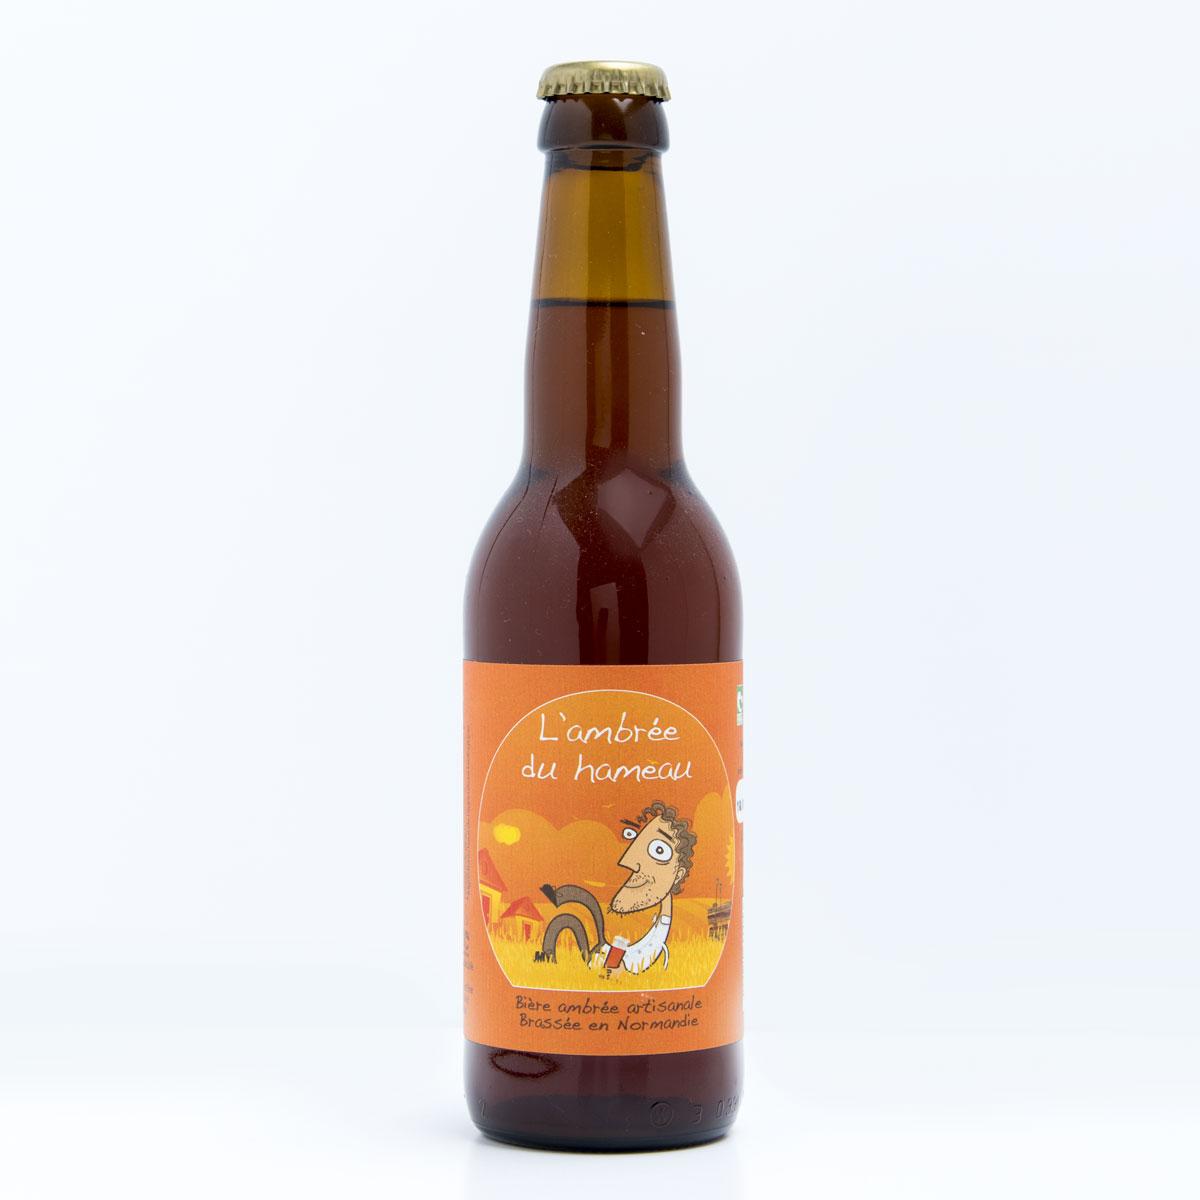 ambree-du-hameau-biere-artisanale-normandie